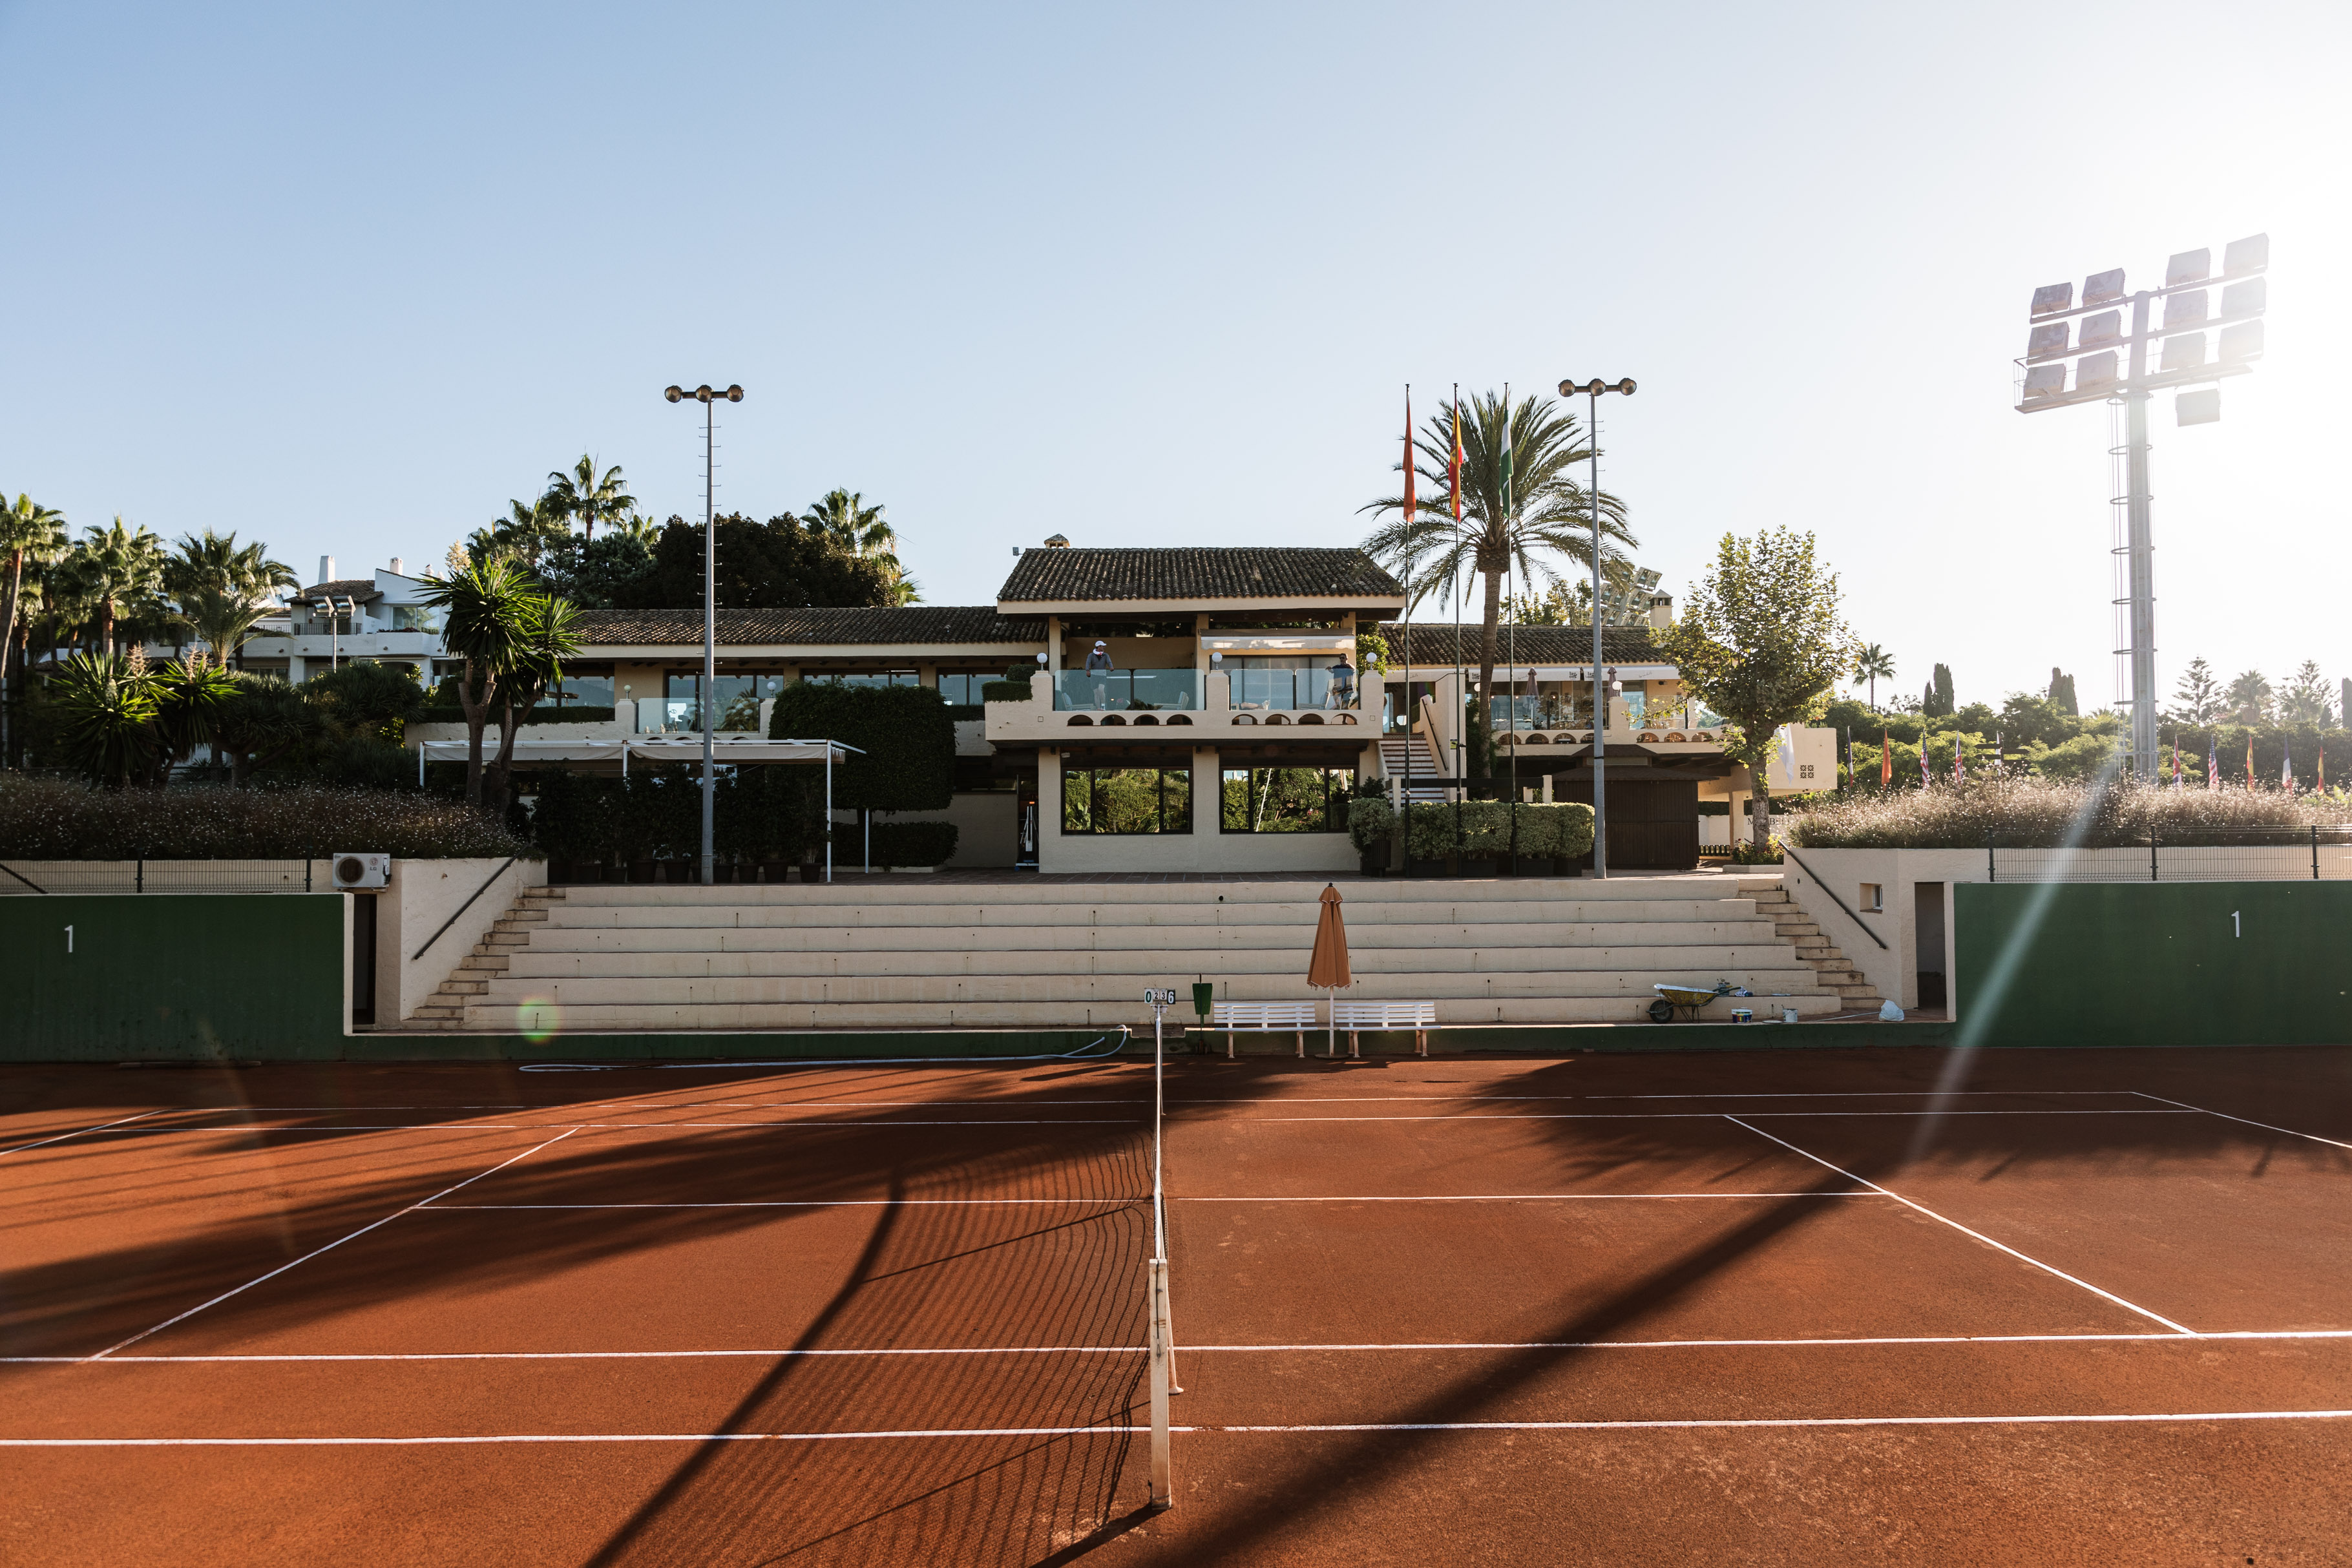 club-de-tenis-puente-romano-10